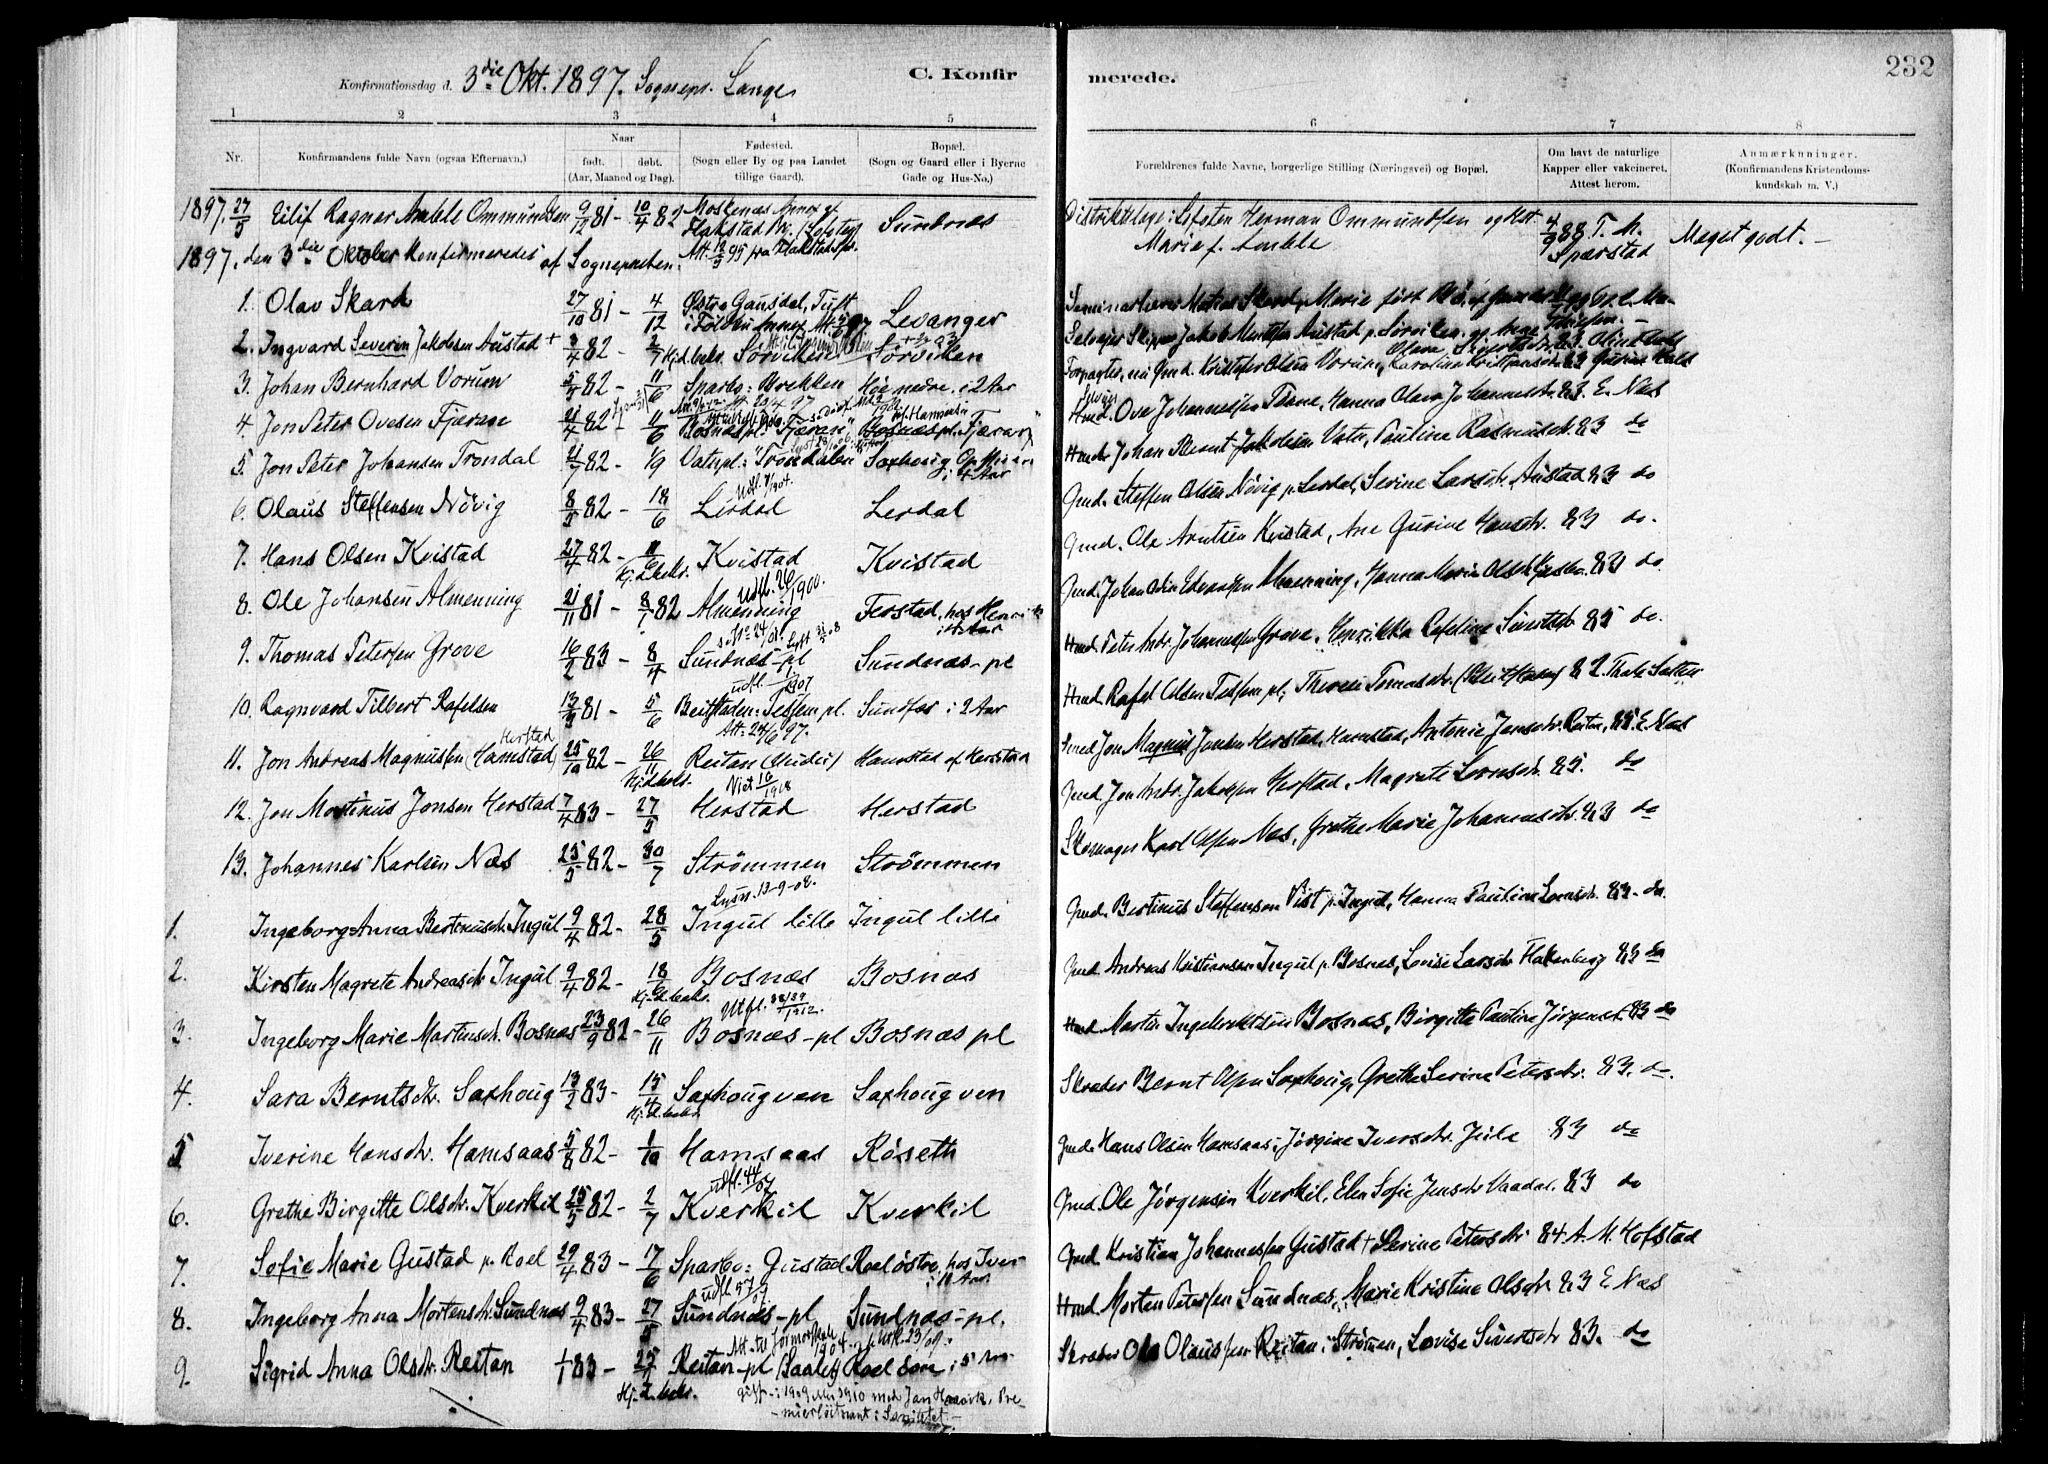 SAT, Ministerialprotokoller, klokkerbøker og fødselsregistre - Nord-Trøndelag, 730/L0285: Ministerialbok nr. 730A10, 1879-1914, s. 232